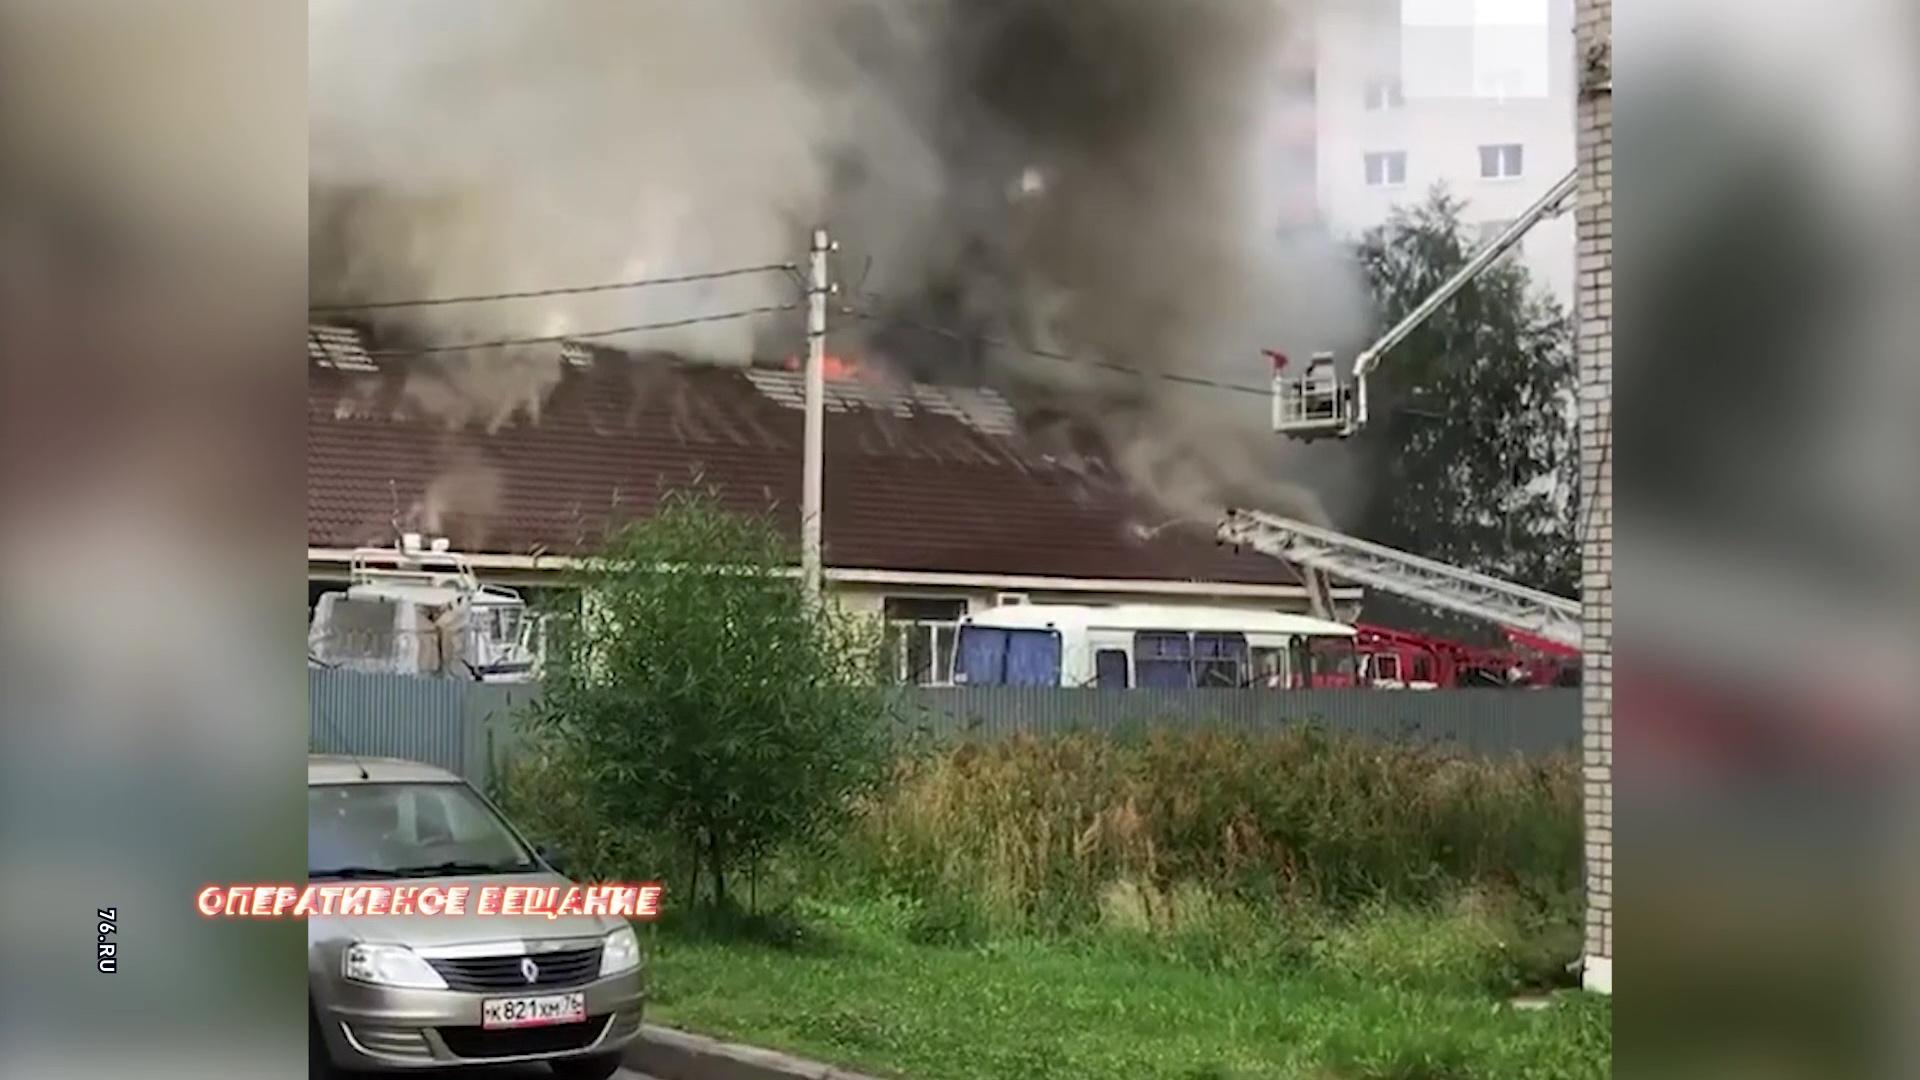 Пожар уничтожил здание следователей транспортной полиции на улице Ухтомского: все подробности происшествия